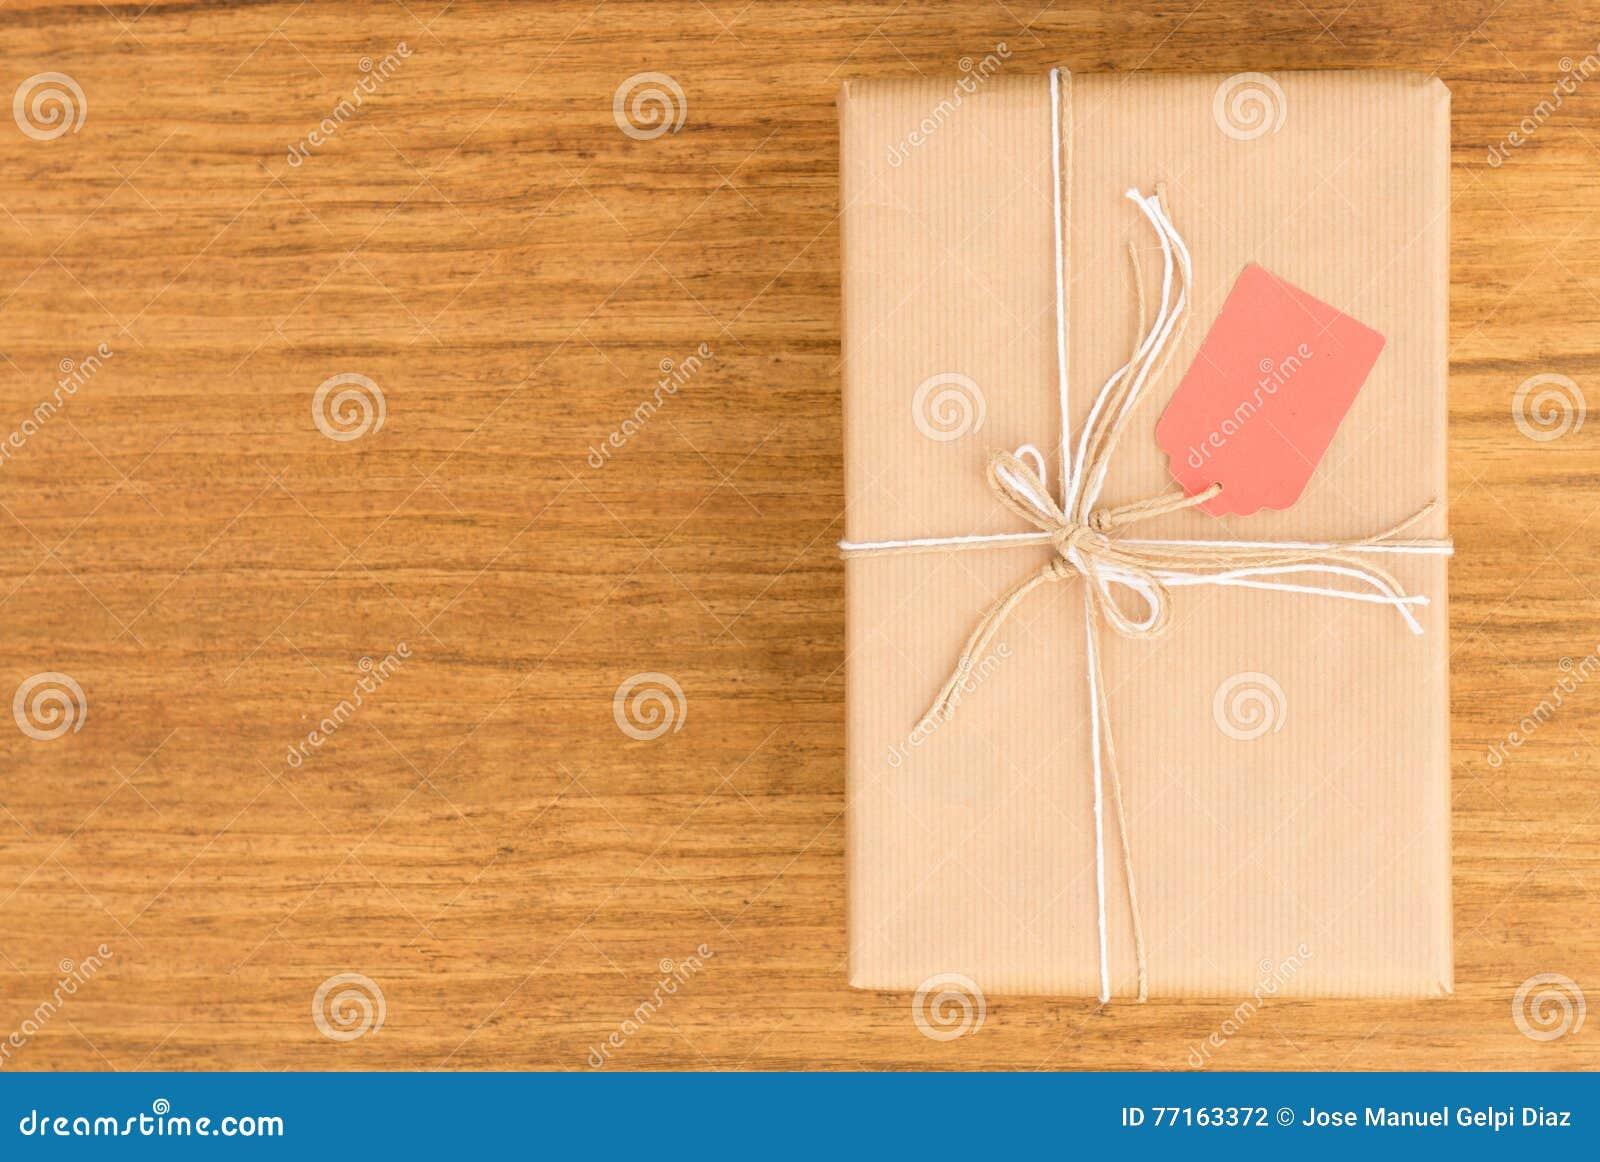 Cadeau gentil enveloppé avec le papier brun